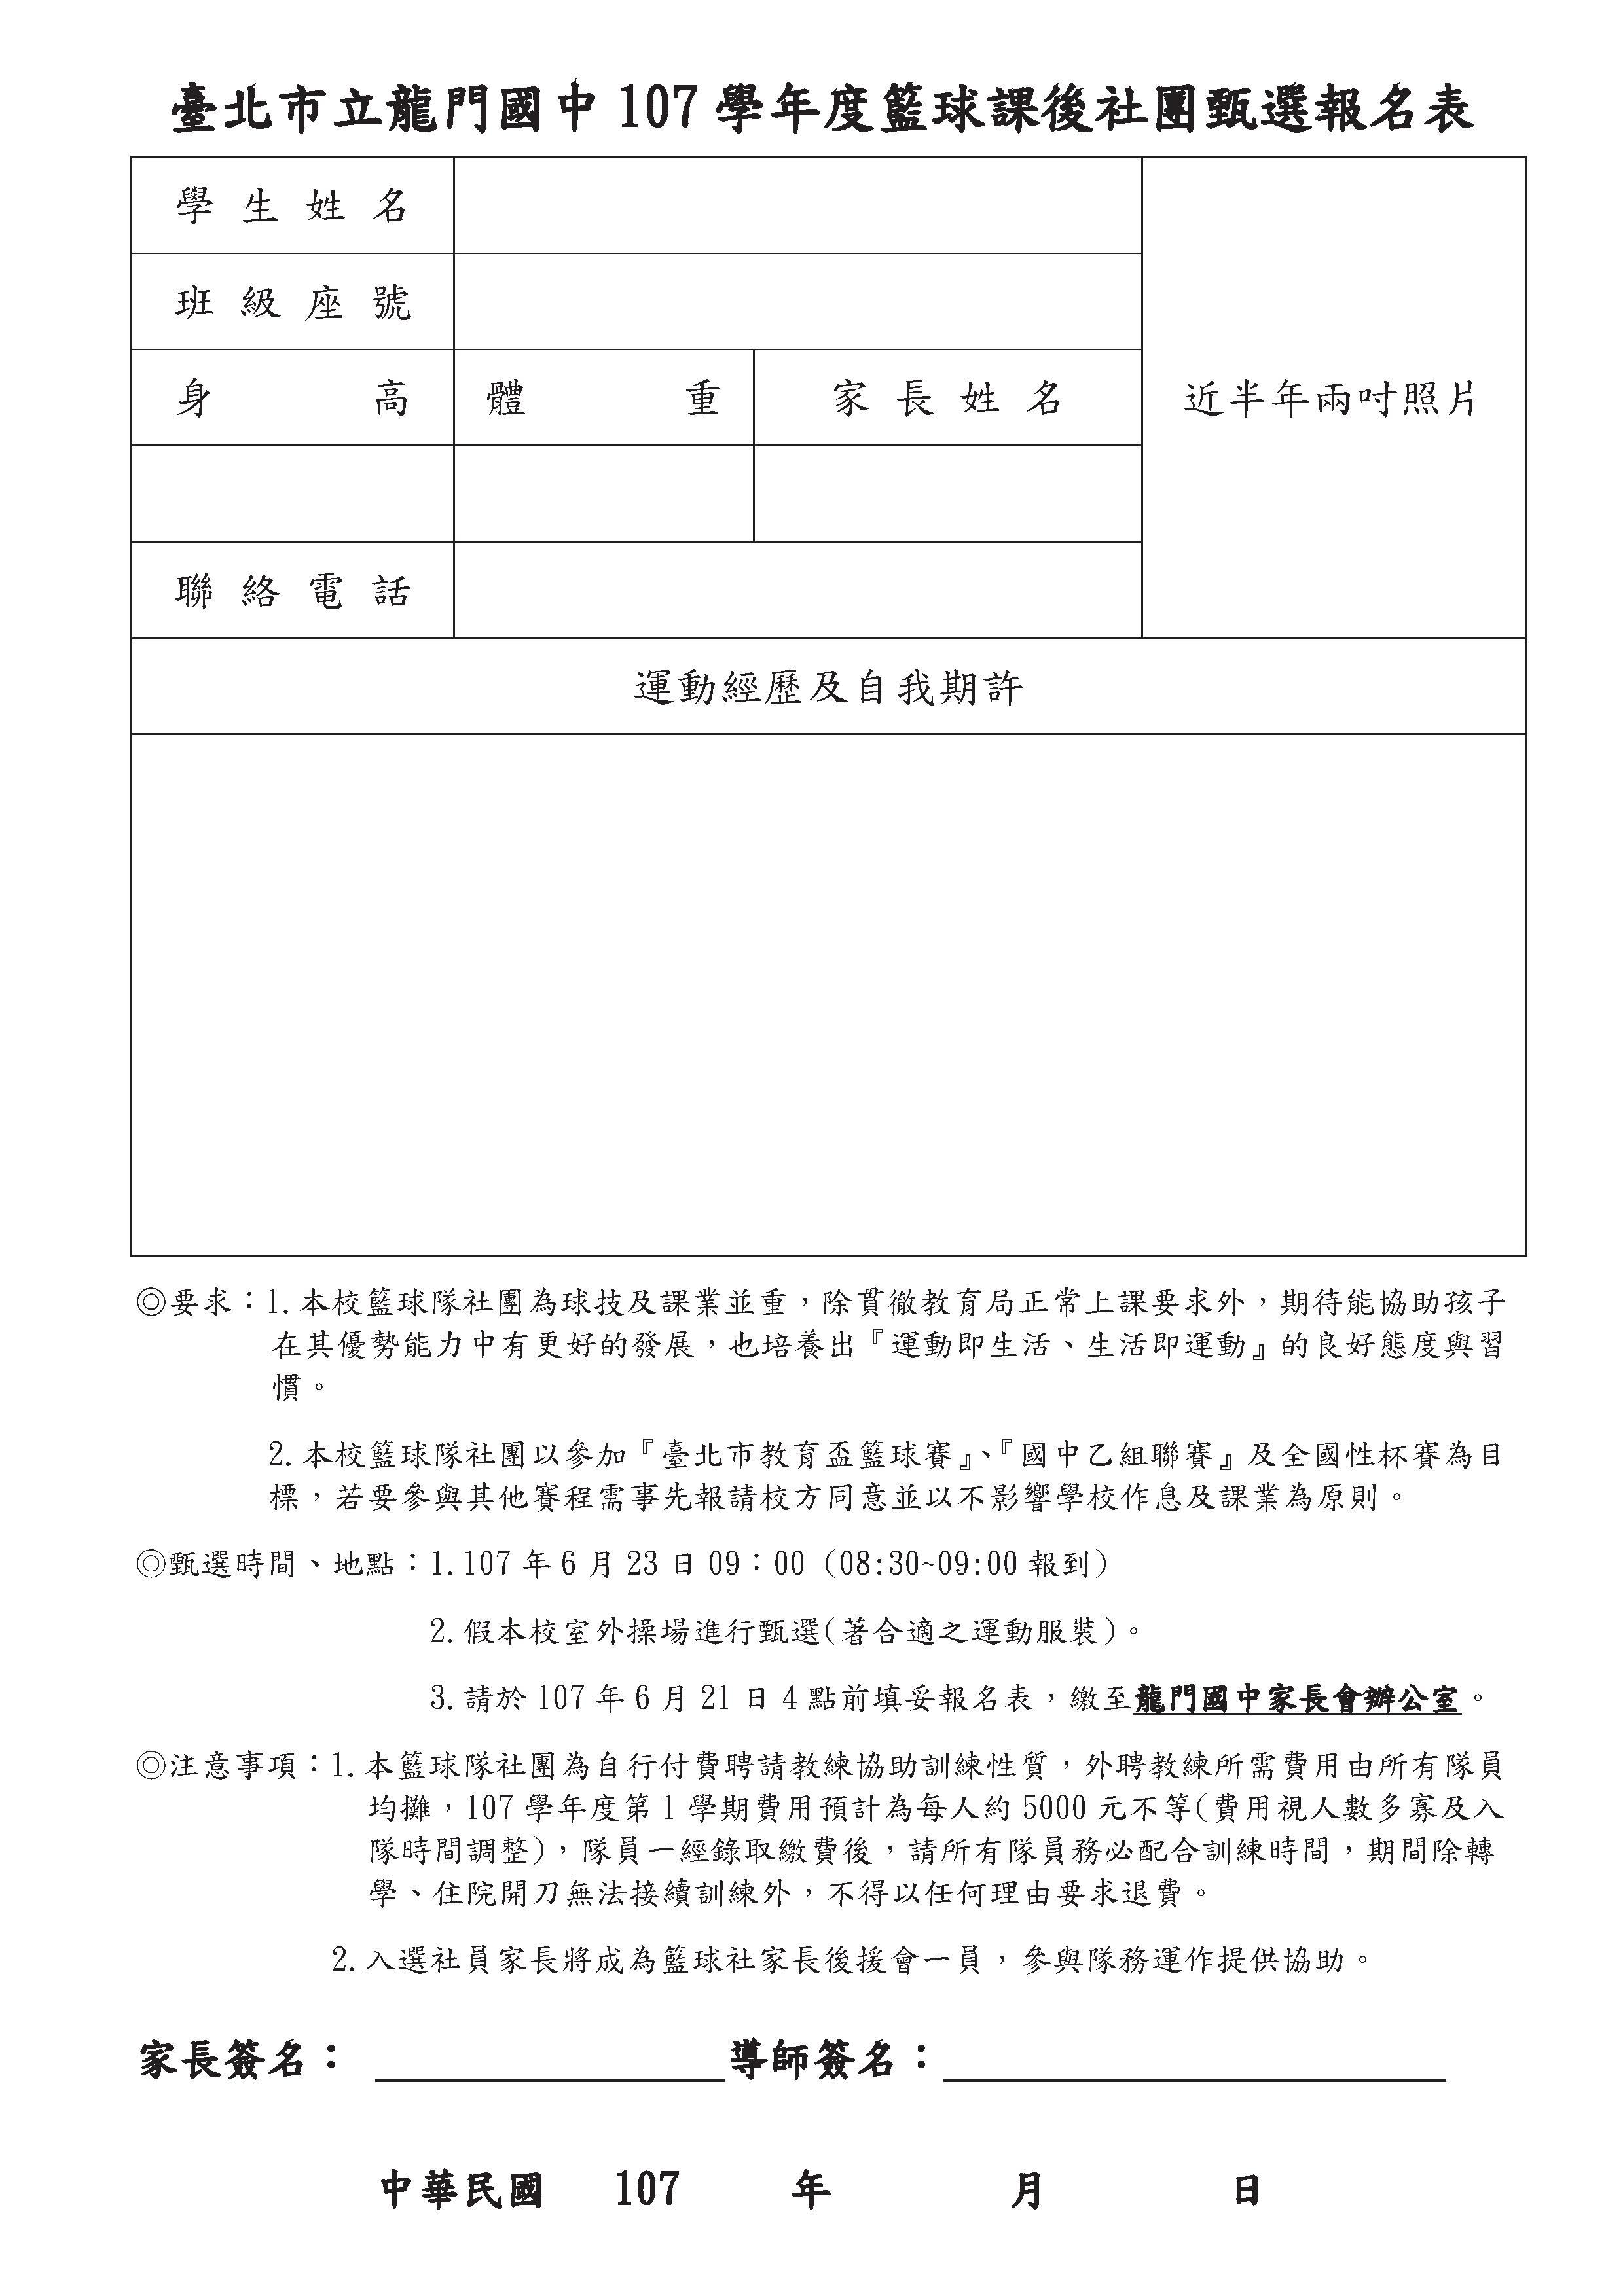 臺北市立龍門國中籃球課後社團107學年度報名簡章.pdf0003